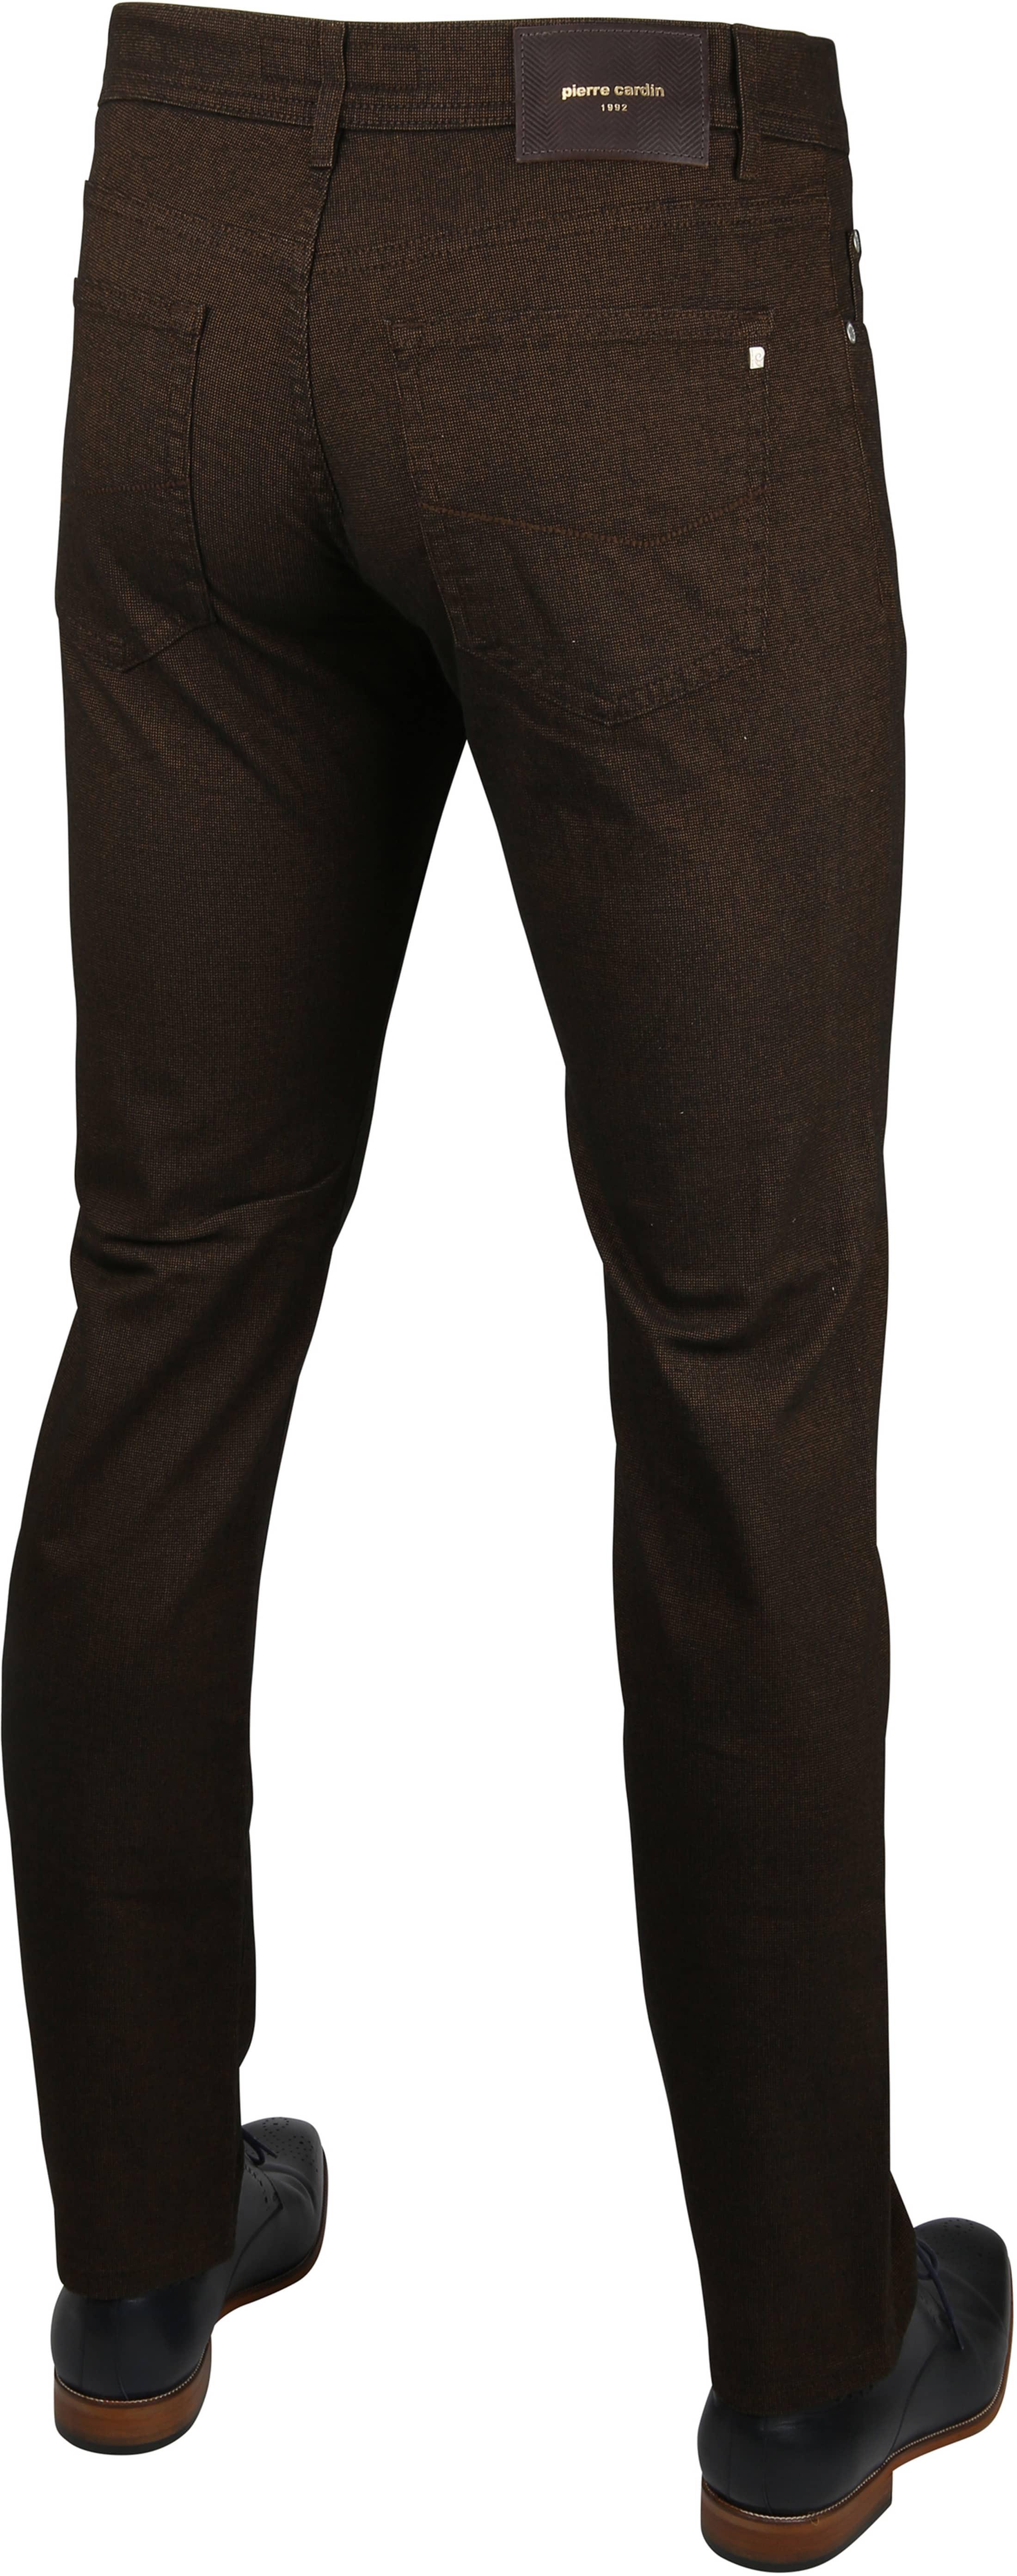 Pierre Cardin Lyon Trousers Caramel foto 2